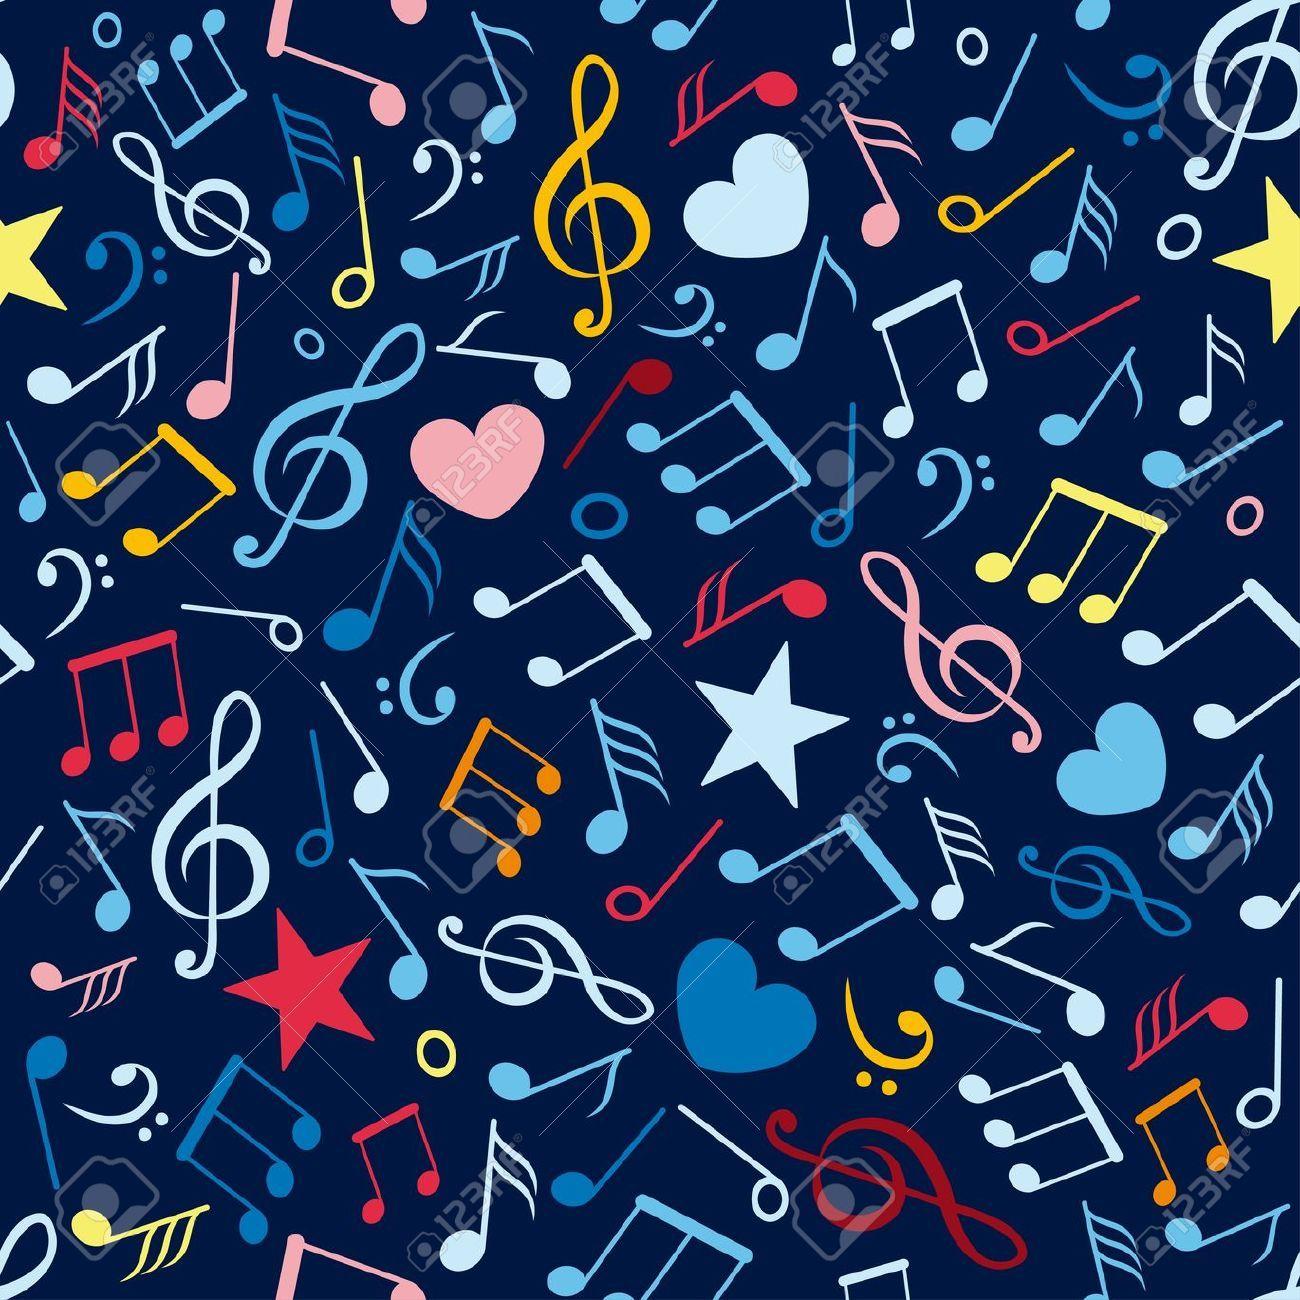 Wallpaper De Notas Musicales De Colores Pop Art Wallpaper Music Notes Music Wallpaper